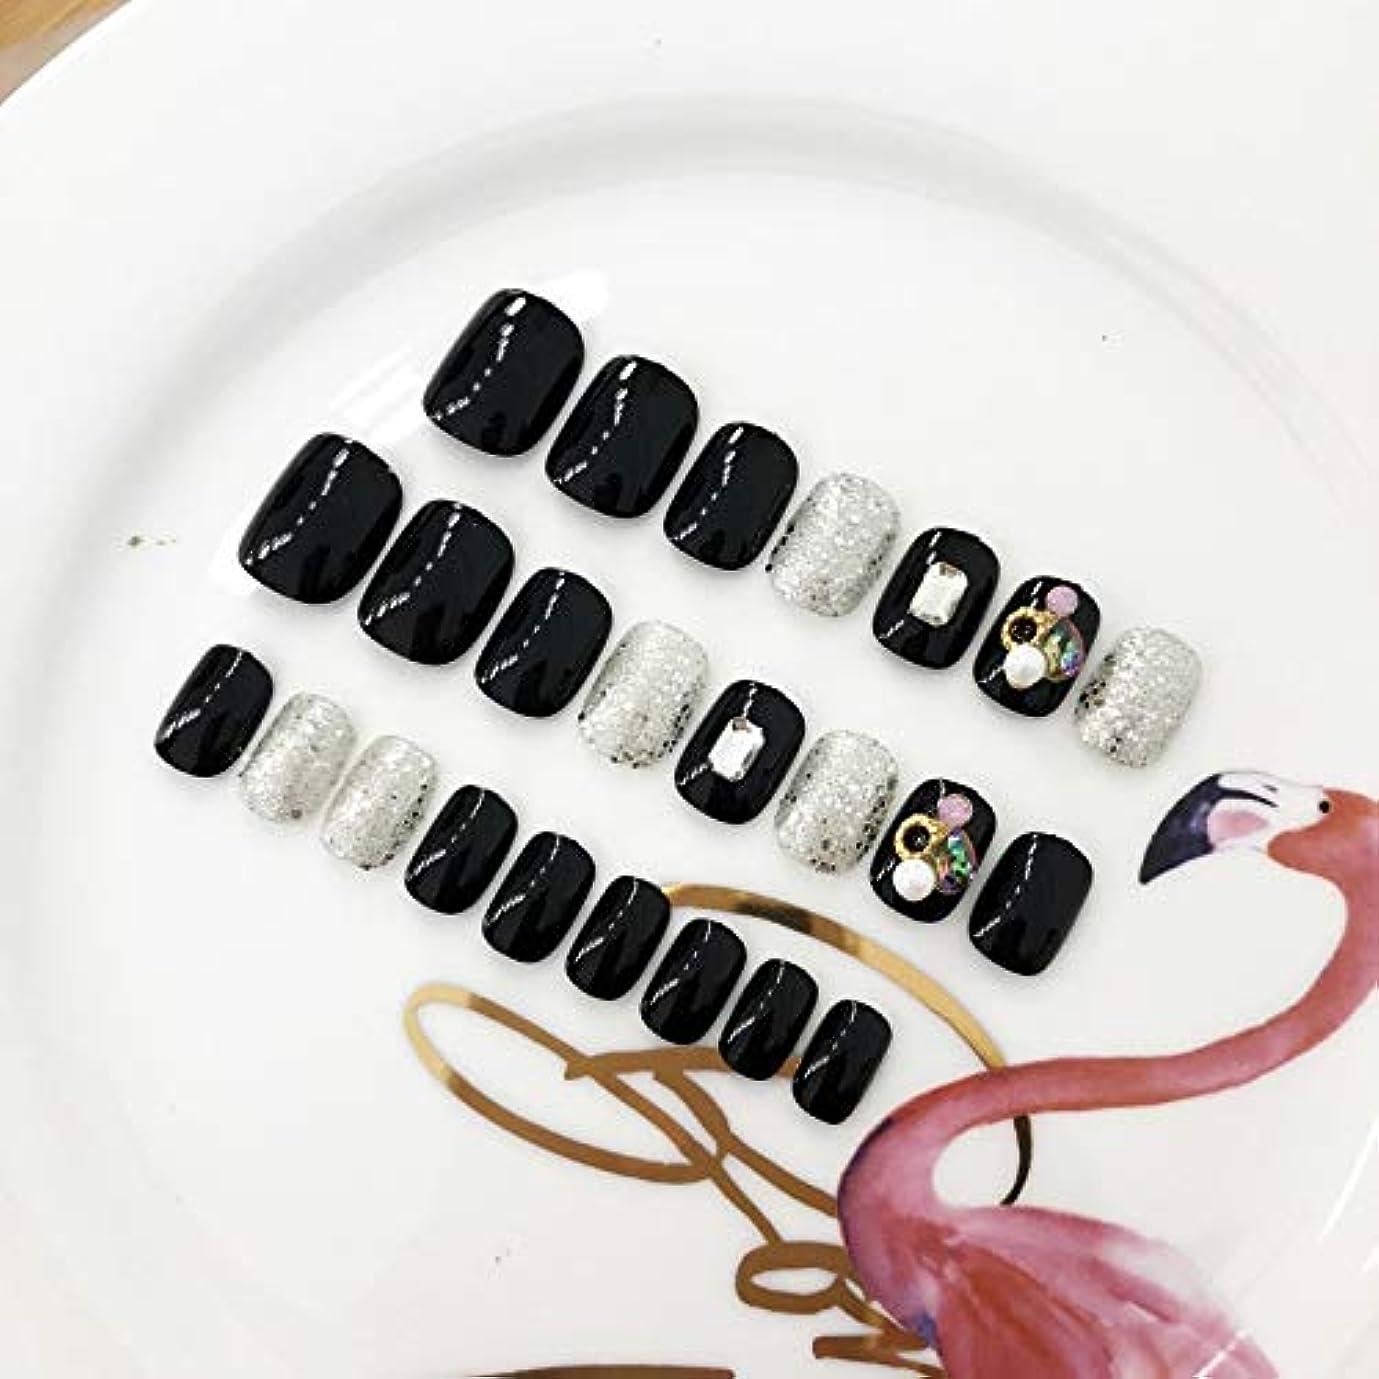 XUANHU HOME 24個12サイズのブラックダイヤモンドネイルパッチ付き偽爪ロングフルカバーネイルチップ(黒)